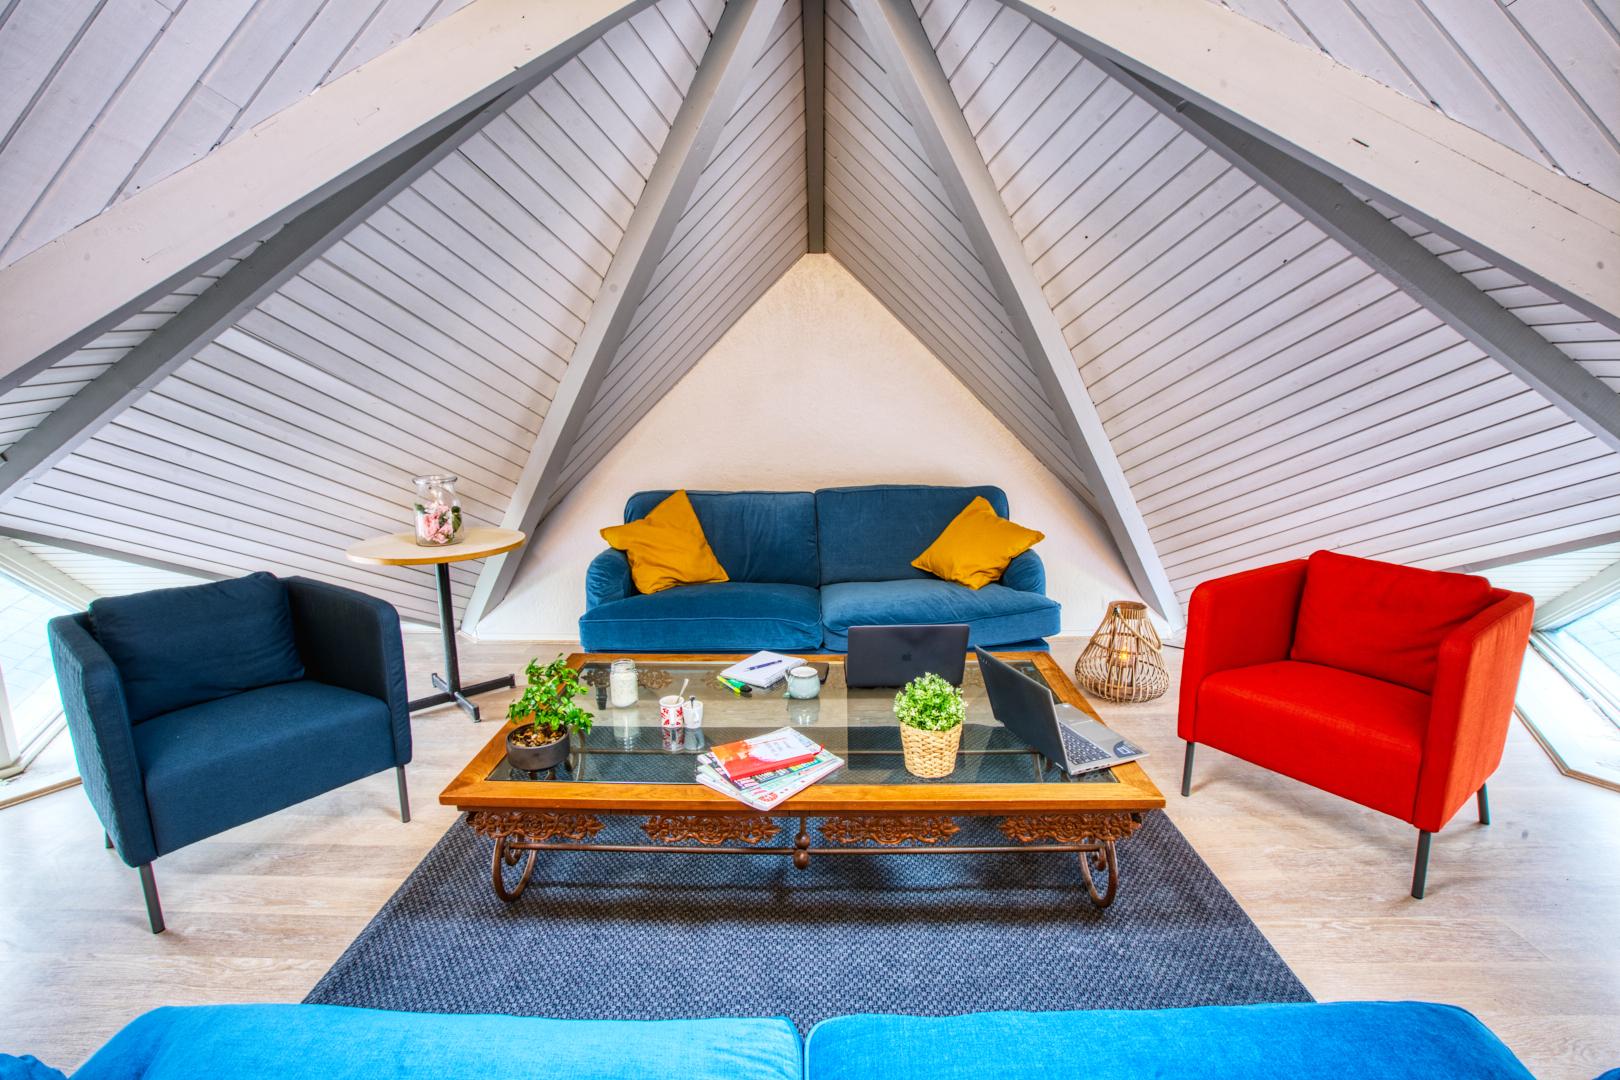 Pvk Photo | Personal Branding | espace détente et coloré avec canapé et fauteuil